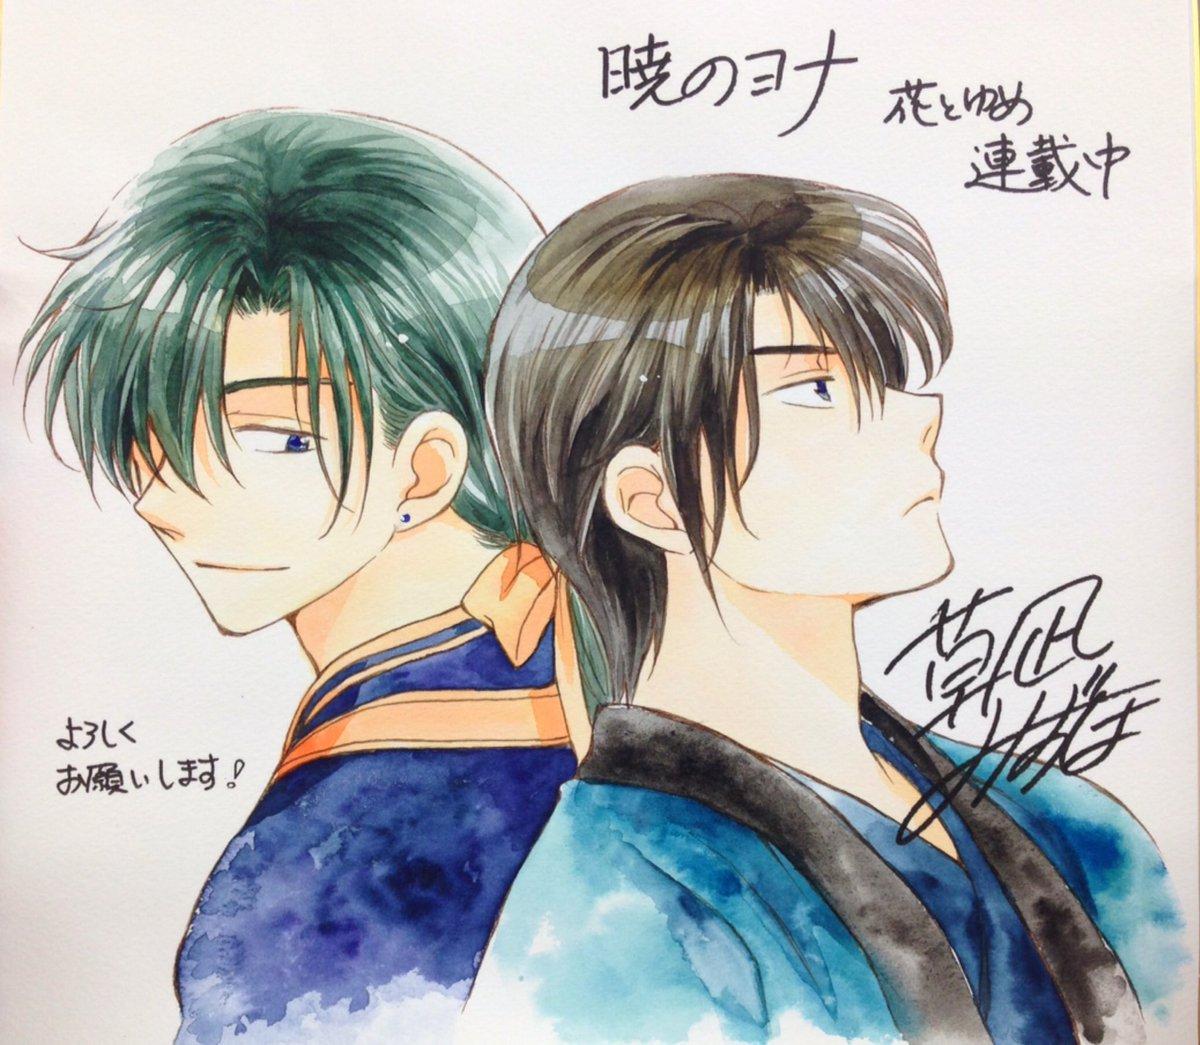 「暁のヨナ」のとっても素敵な色紙をいただきました♪秋田県の由利本荘市ではありますが…草凪先先ファンの皆さま、お近くに来た